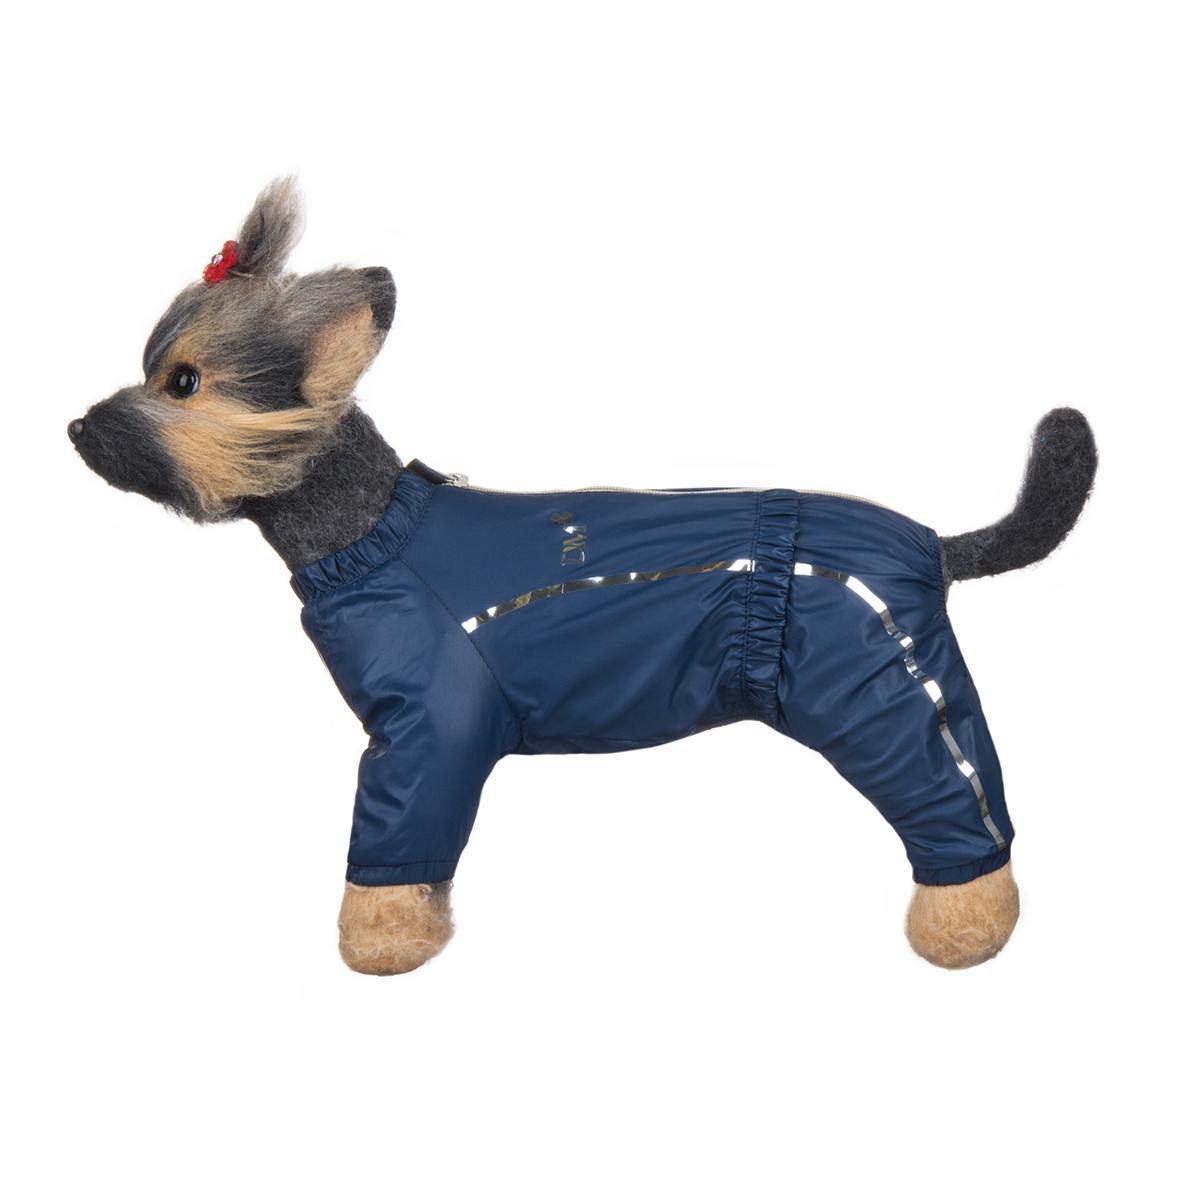 Комбинезон для собак Dogmoda Альпы, для мальчика, цвет: темно-синий. Размер 4 (XL)DM-150328-4Комбинезон для собак Dogmoda Альпы отлично подойдет для прогулок поздней осенью или ранней весной. Комбинезон изготовлен из полиэстера, защищающего от ветра и осадков, с подкладкой из флиса, которая сохранит тепло и обеспечит отличный воздухообмен. Комбинезон застегивается на молнию и липучку, благодаря чему его легко надевать и снимать. Ворот, низ рукавов и брючин оснащены внутренними резинками, которые мягко обхватывают шею и лапки, не позволяя просачиваться холодному воздуху. На пояснице имеется внутренняя резинка. Изделие декорировано серебристыми полосками и надписью DM. Благодаря такому комбинезону простуда не грозит вашему питомцу и он не даст любимцу продрогнуть на прогулке.